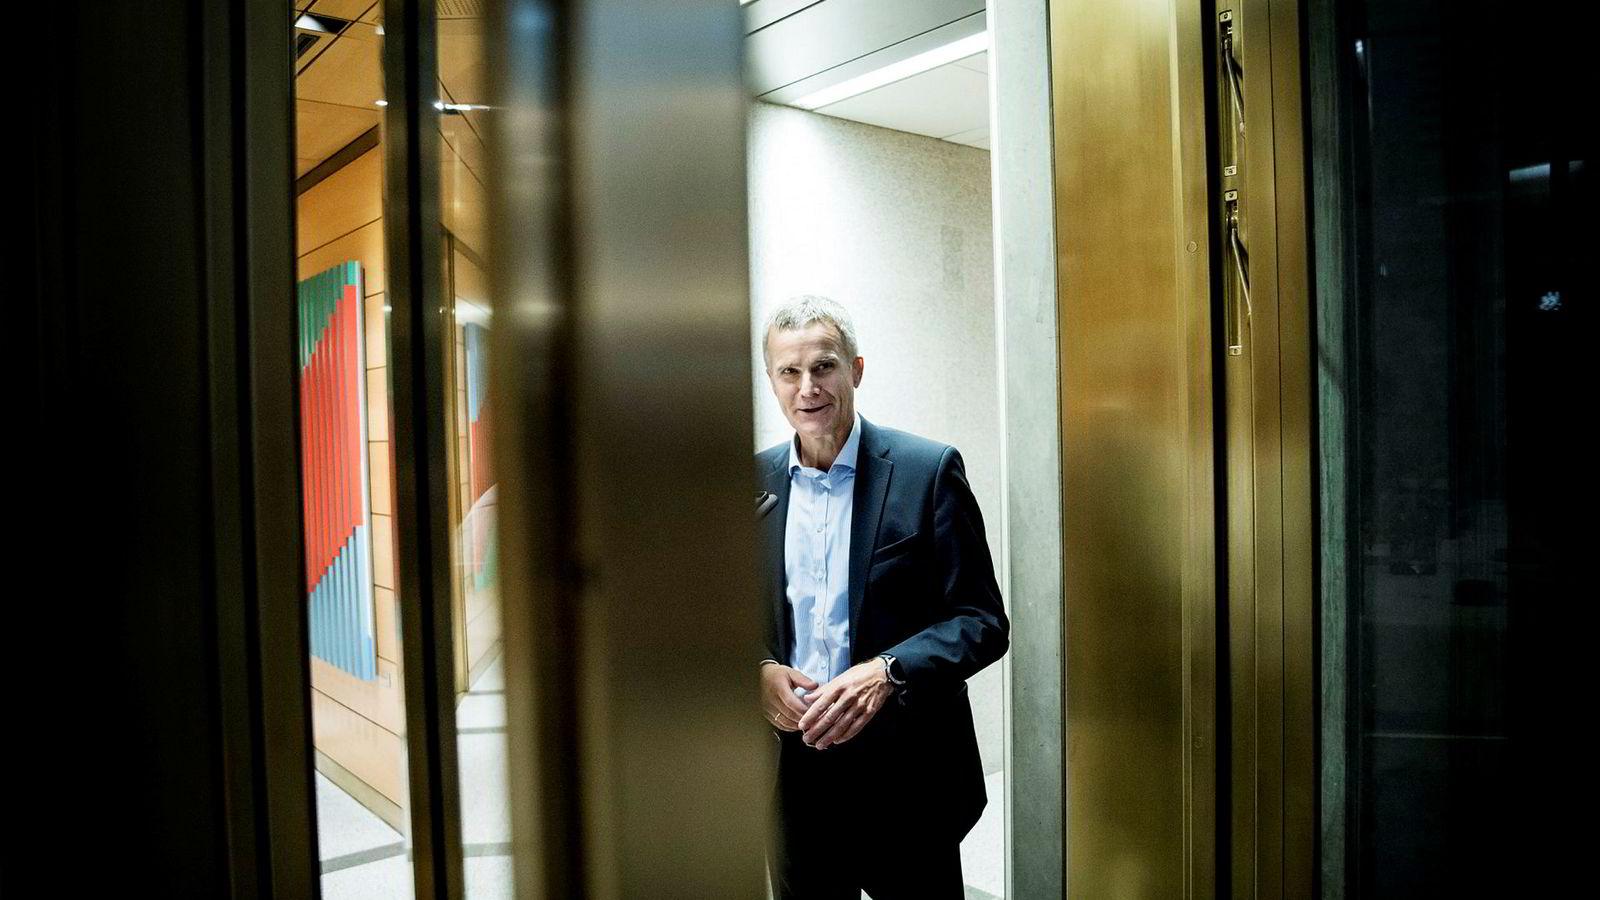 Styreleder for BP, Helge Lund, deltok i en konferanse arrangert av Oljefondet onsdag.